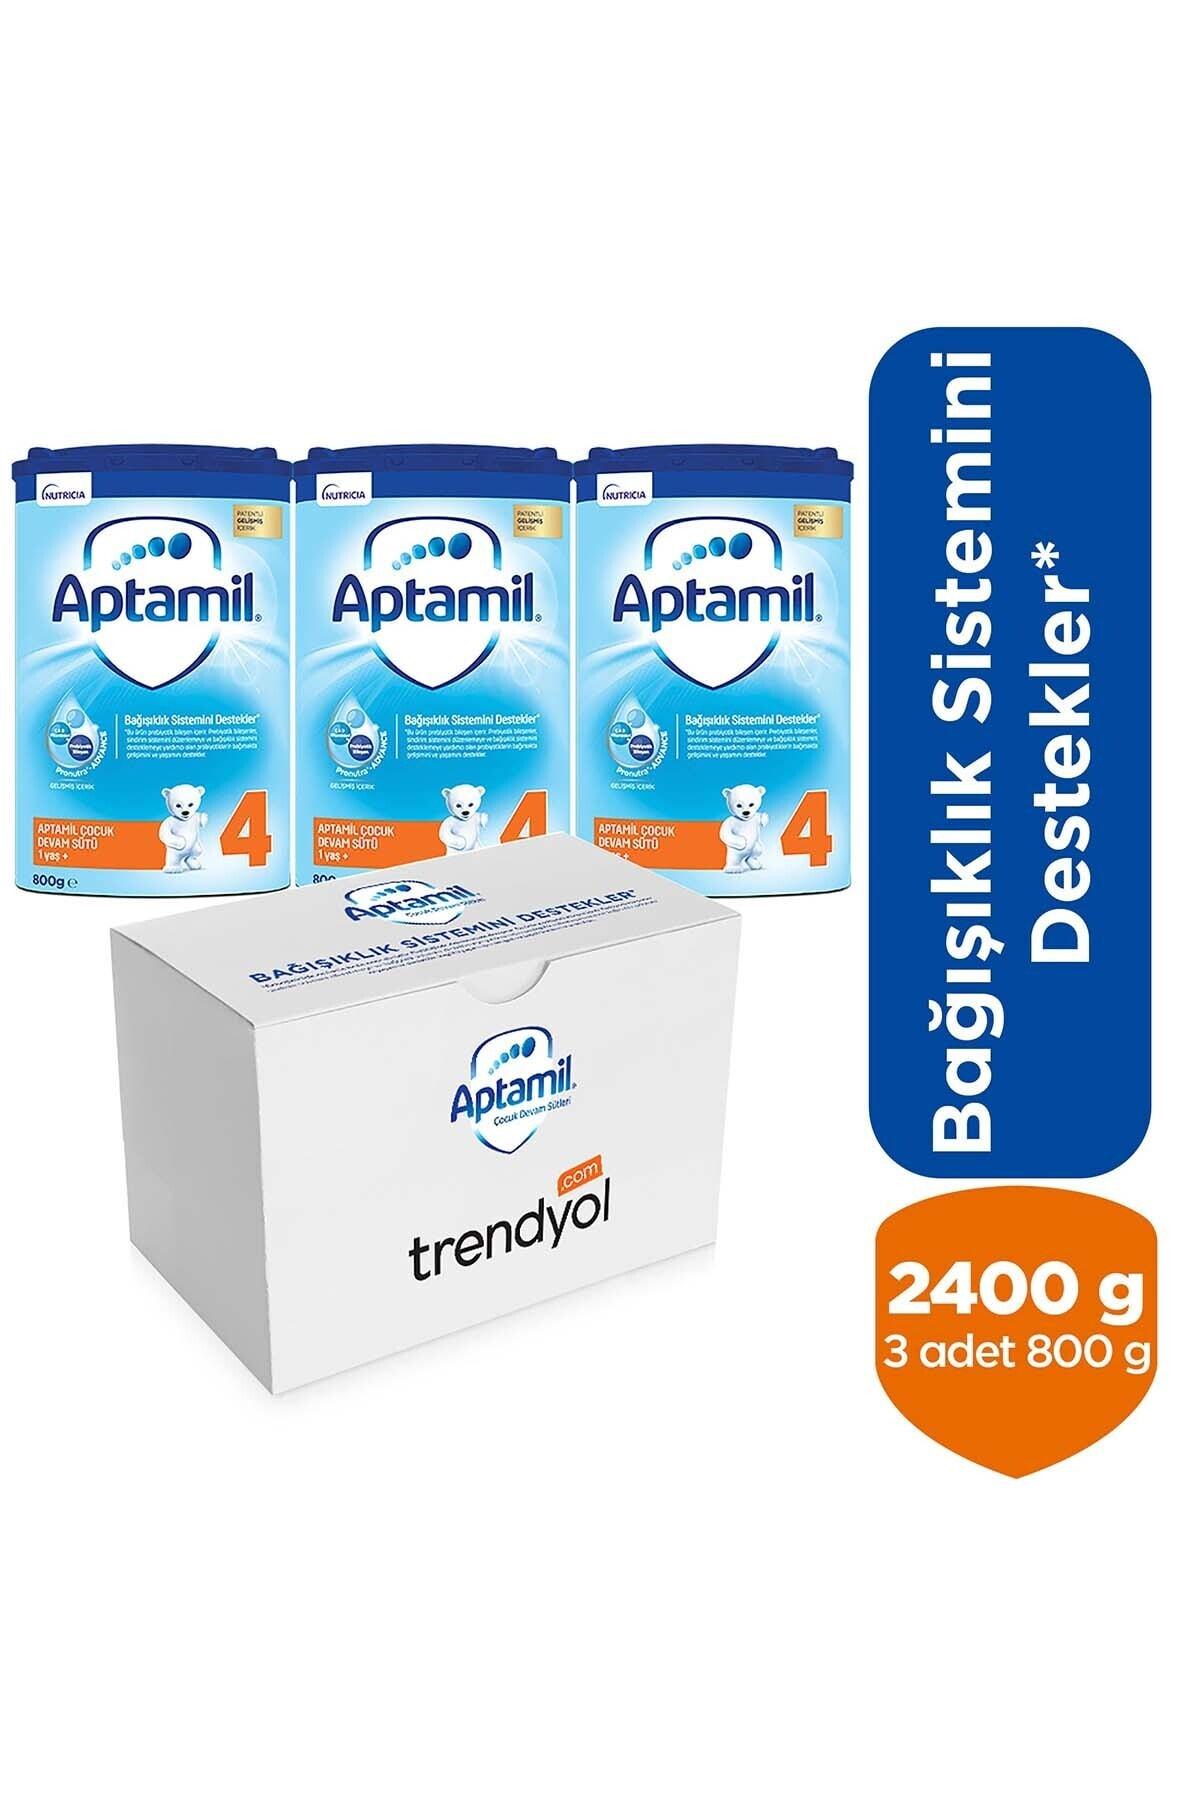 Aptamil 4 Çocuk Devam Sütü 2400g 1 Yaş+ (3 X 800g Akıllı Kutu) 1